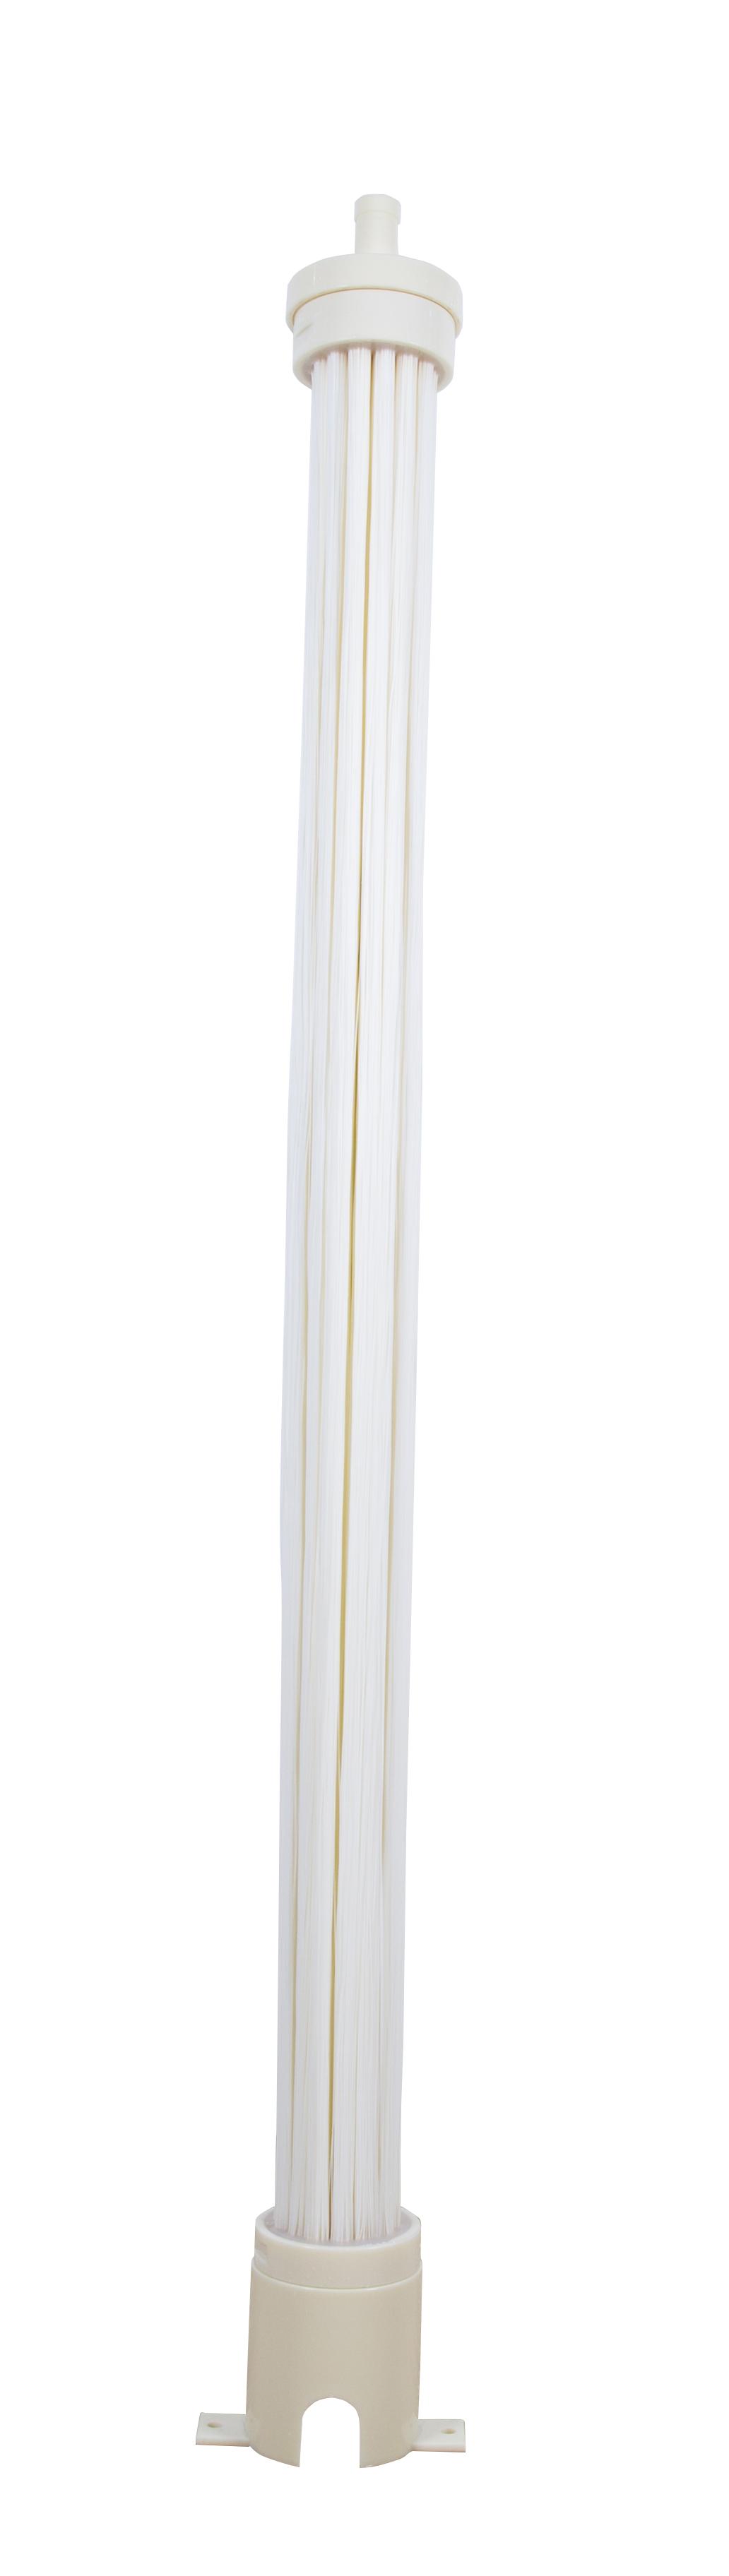 浙江外压式中空纤维超滤膜厂家供应 欢迎咨询「苏州中色德源环保科技供应」